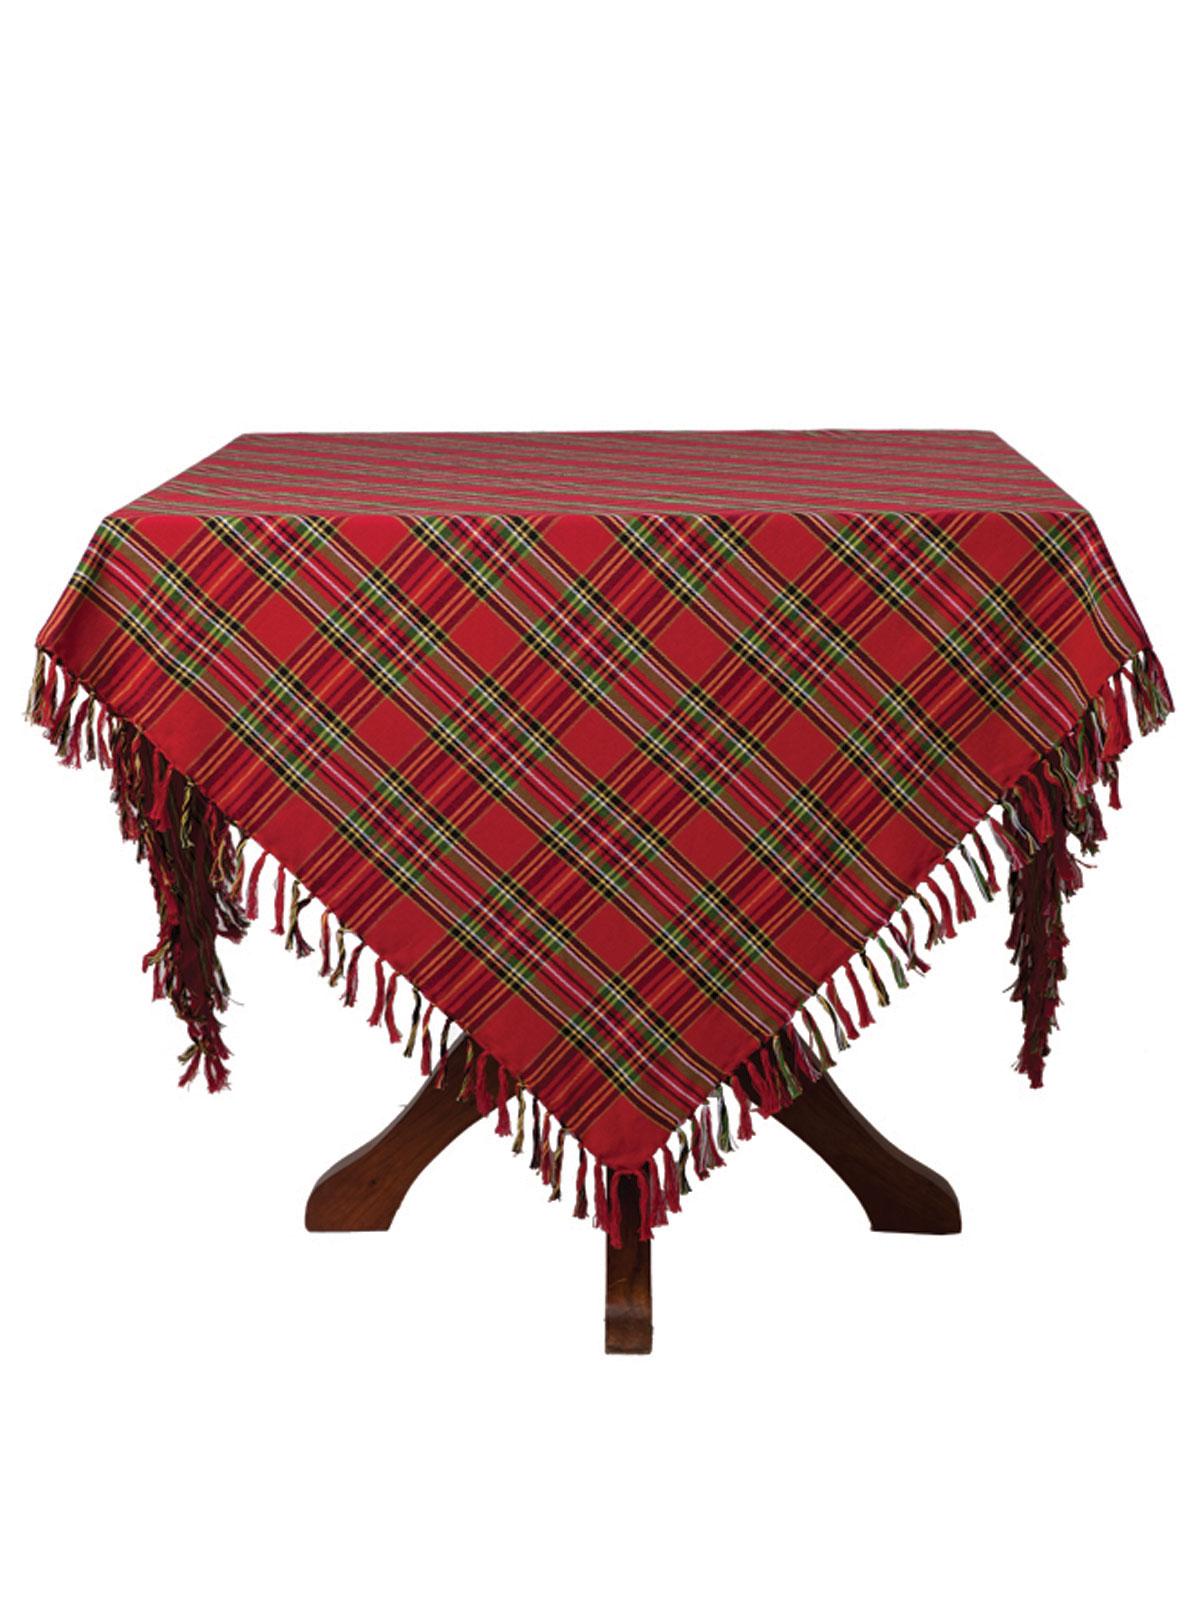 Holiday Christmas Tablecloth